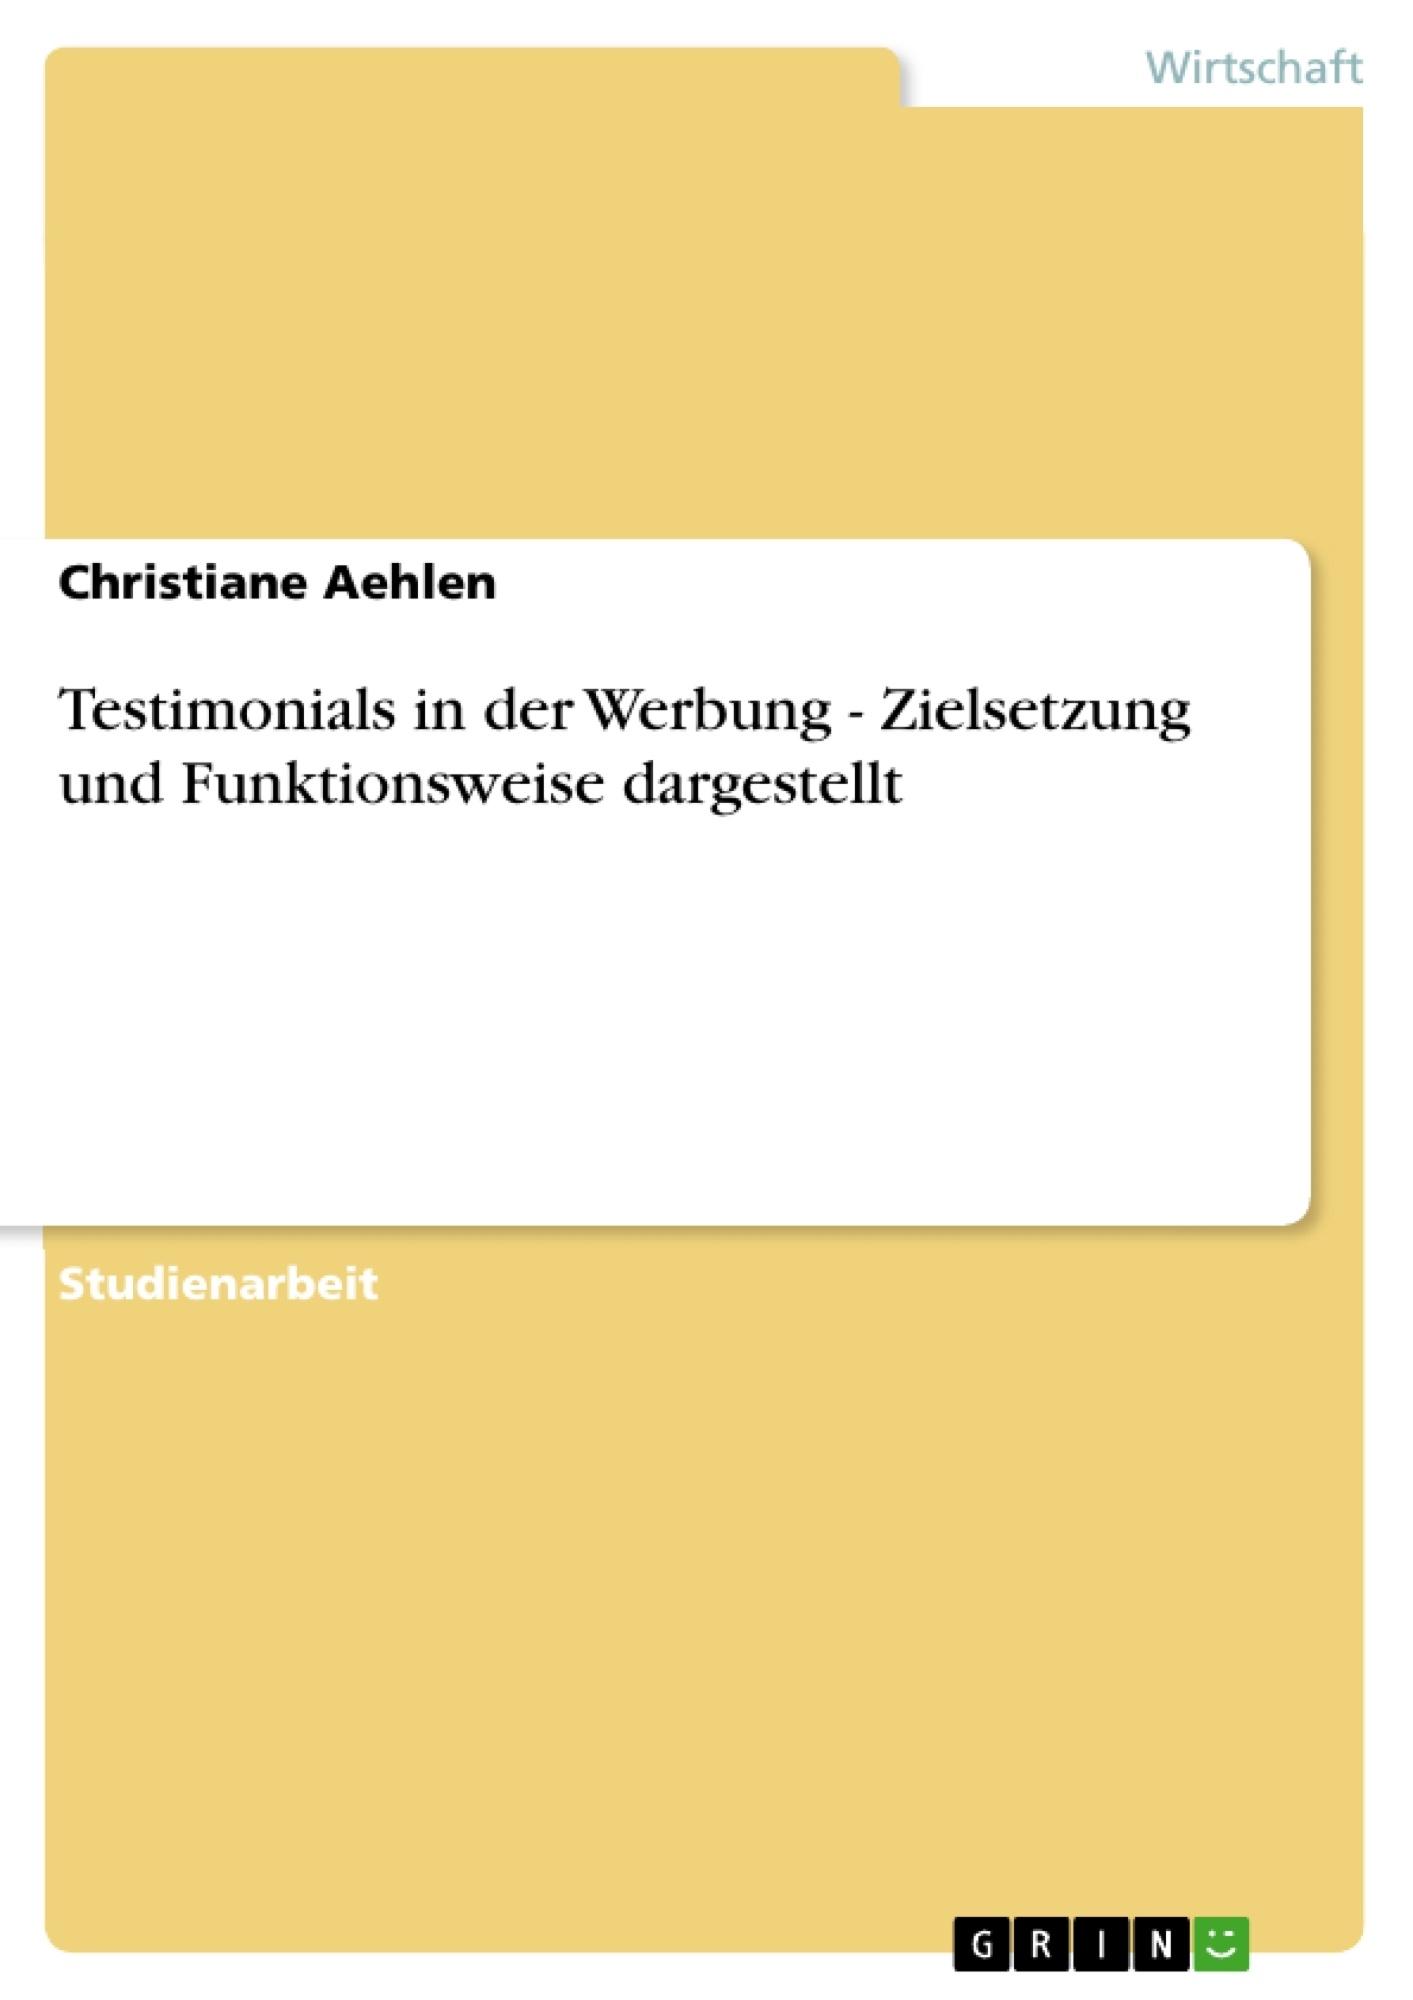 Titel: Testimonials in der Werbung - Zielsetzung und Funktionsweise dargestellt